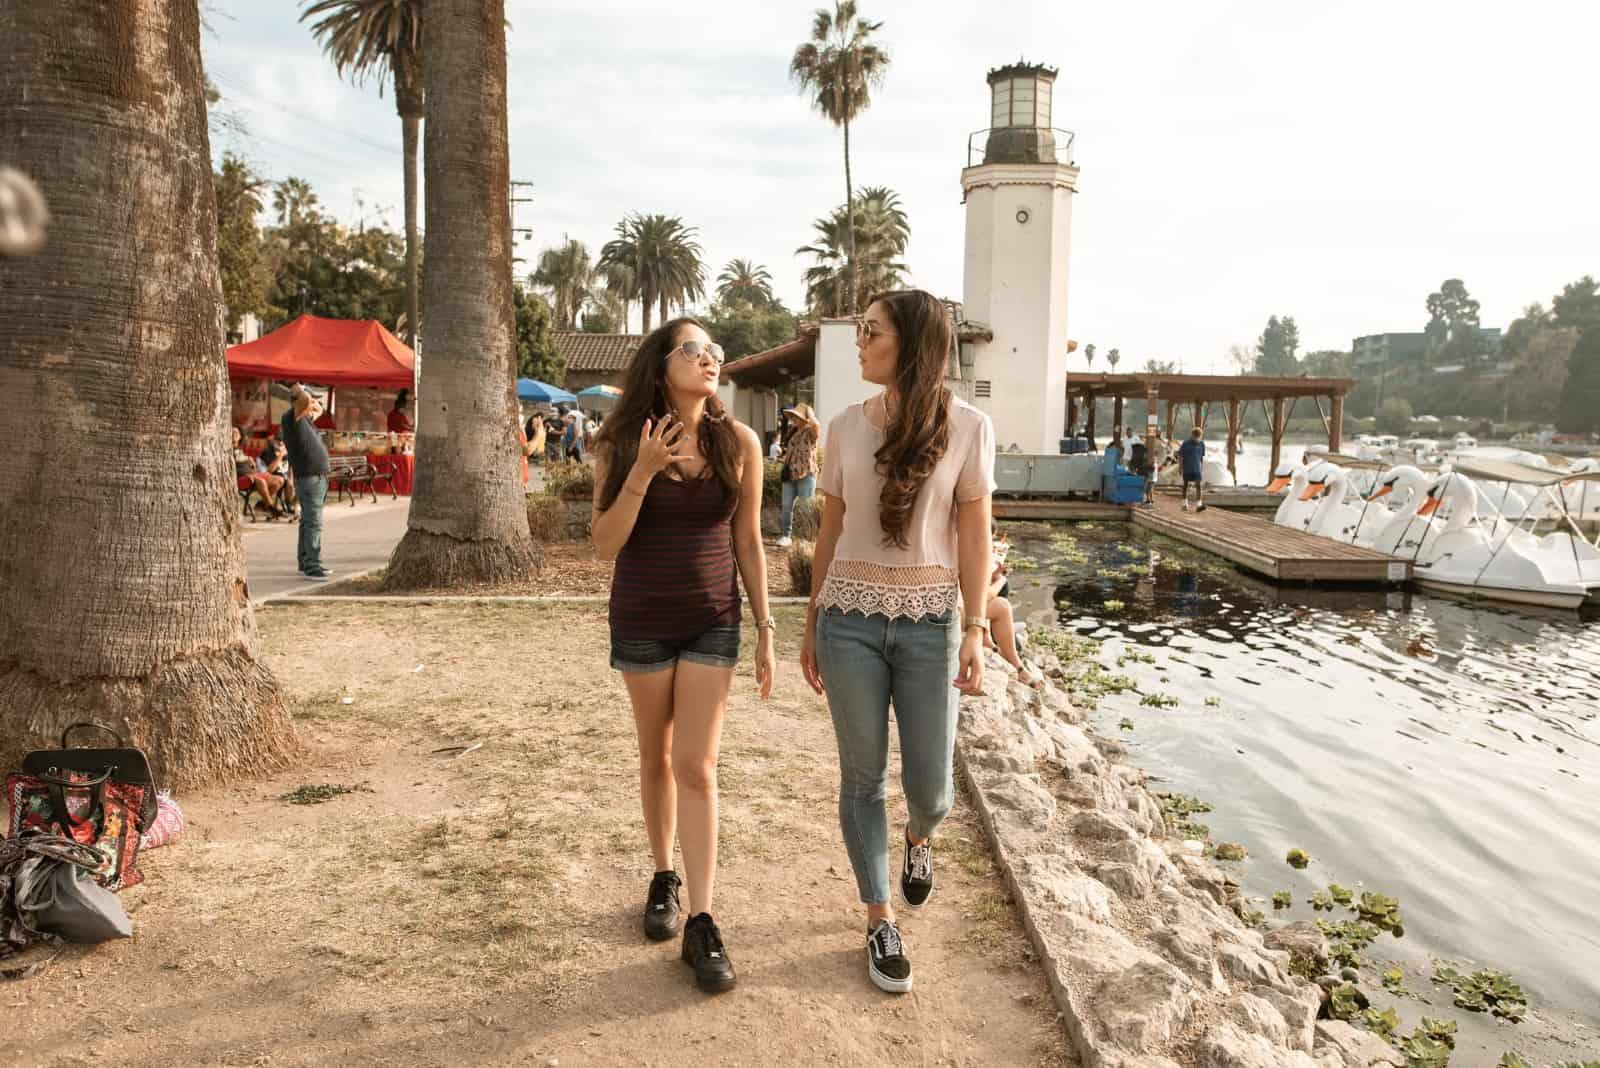 deux femmes discutant debout près de l'eau